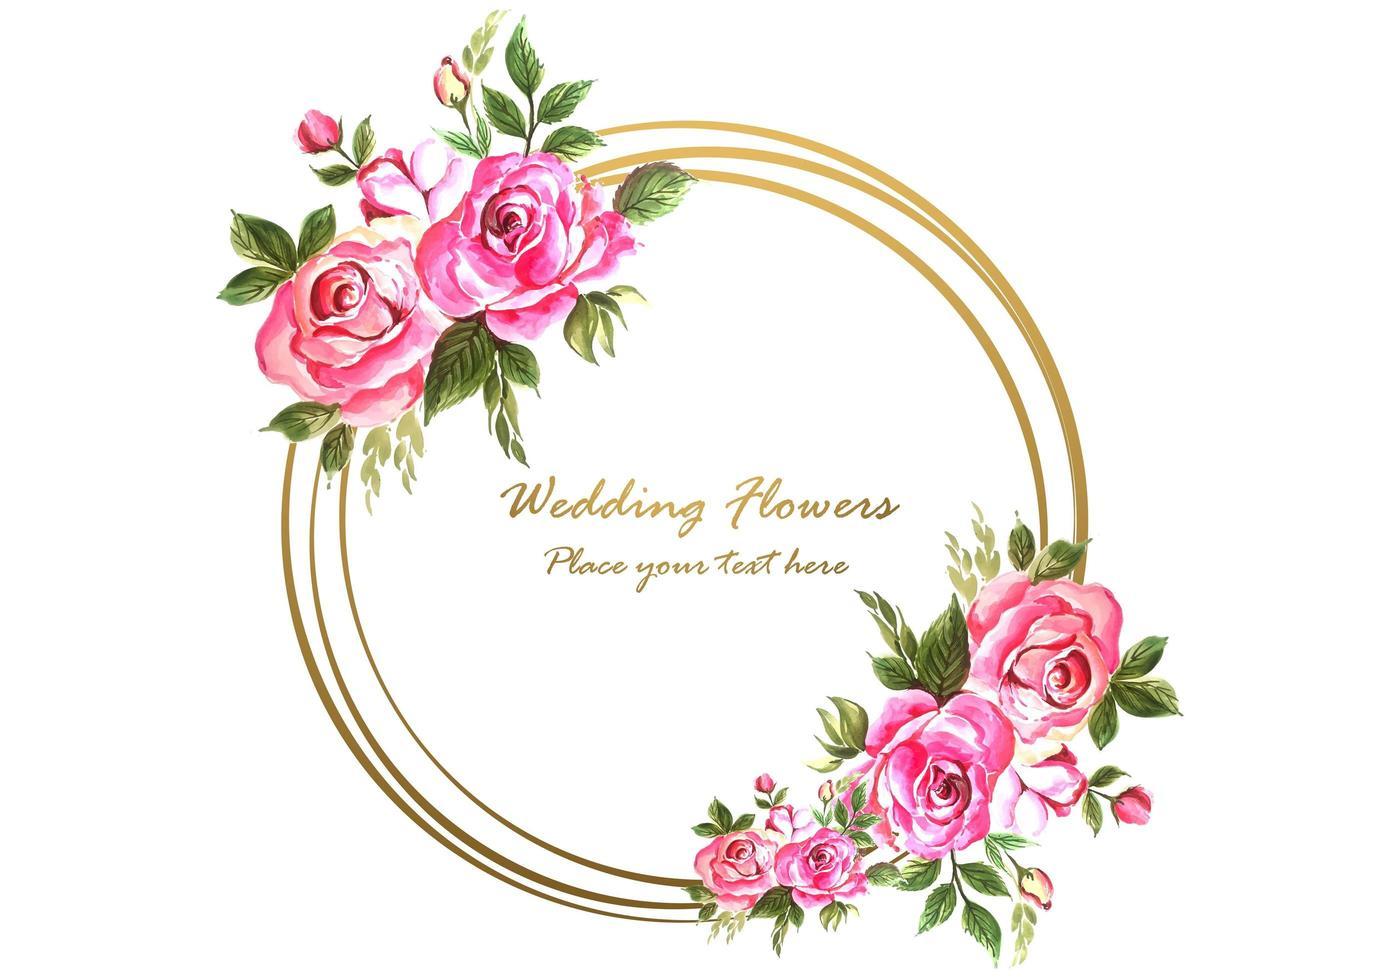 Anniversario di matrimonio decorativo con cornice floreale circolare per biglietto di auguri vettore